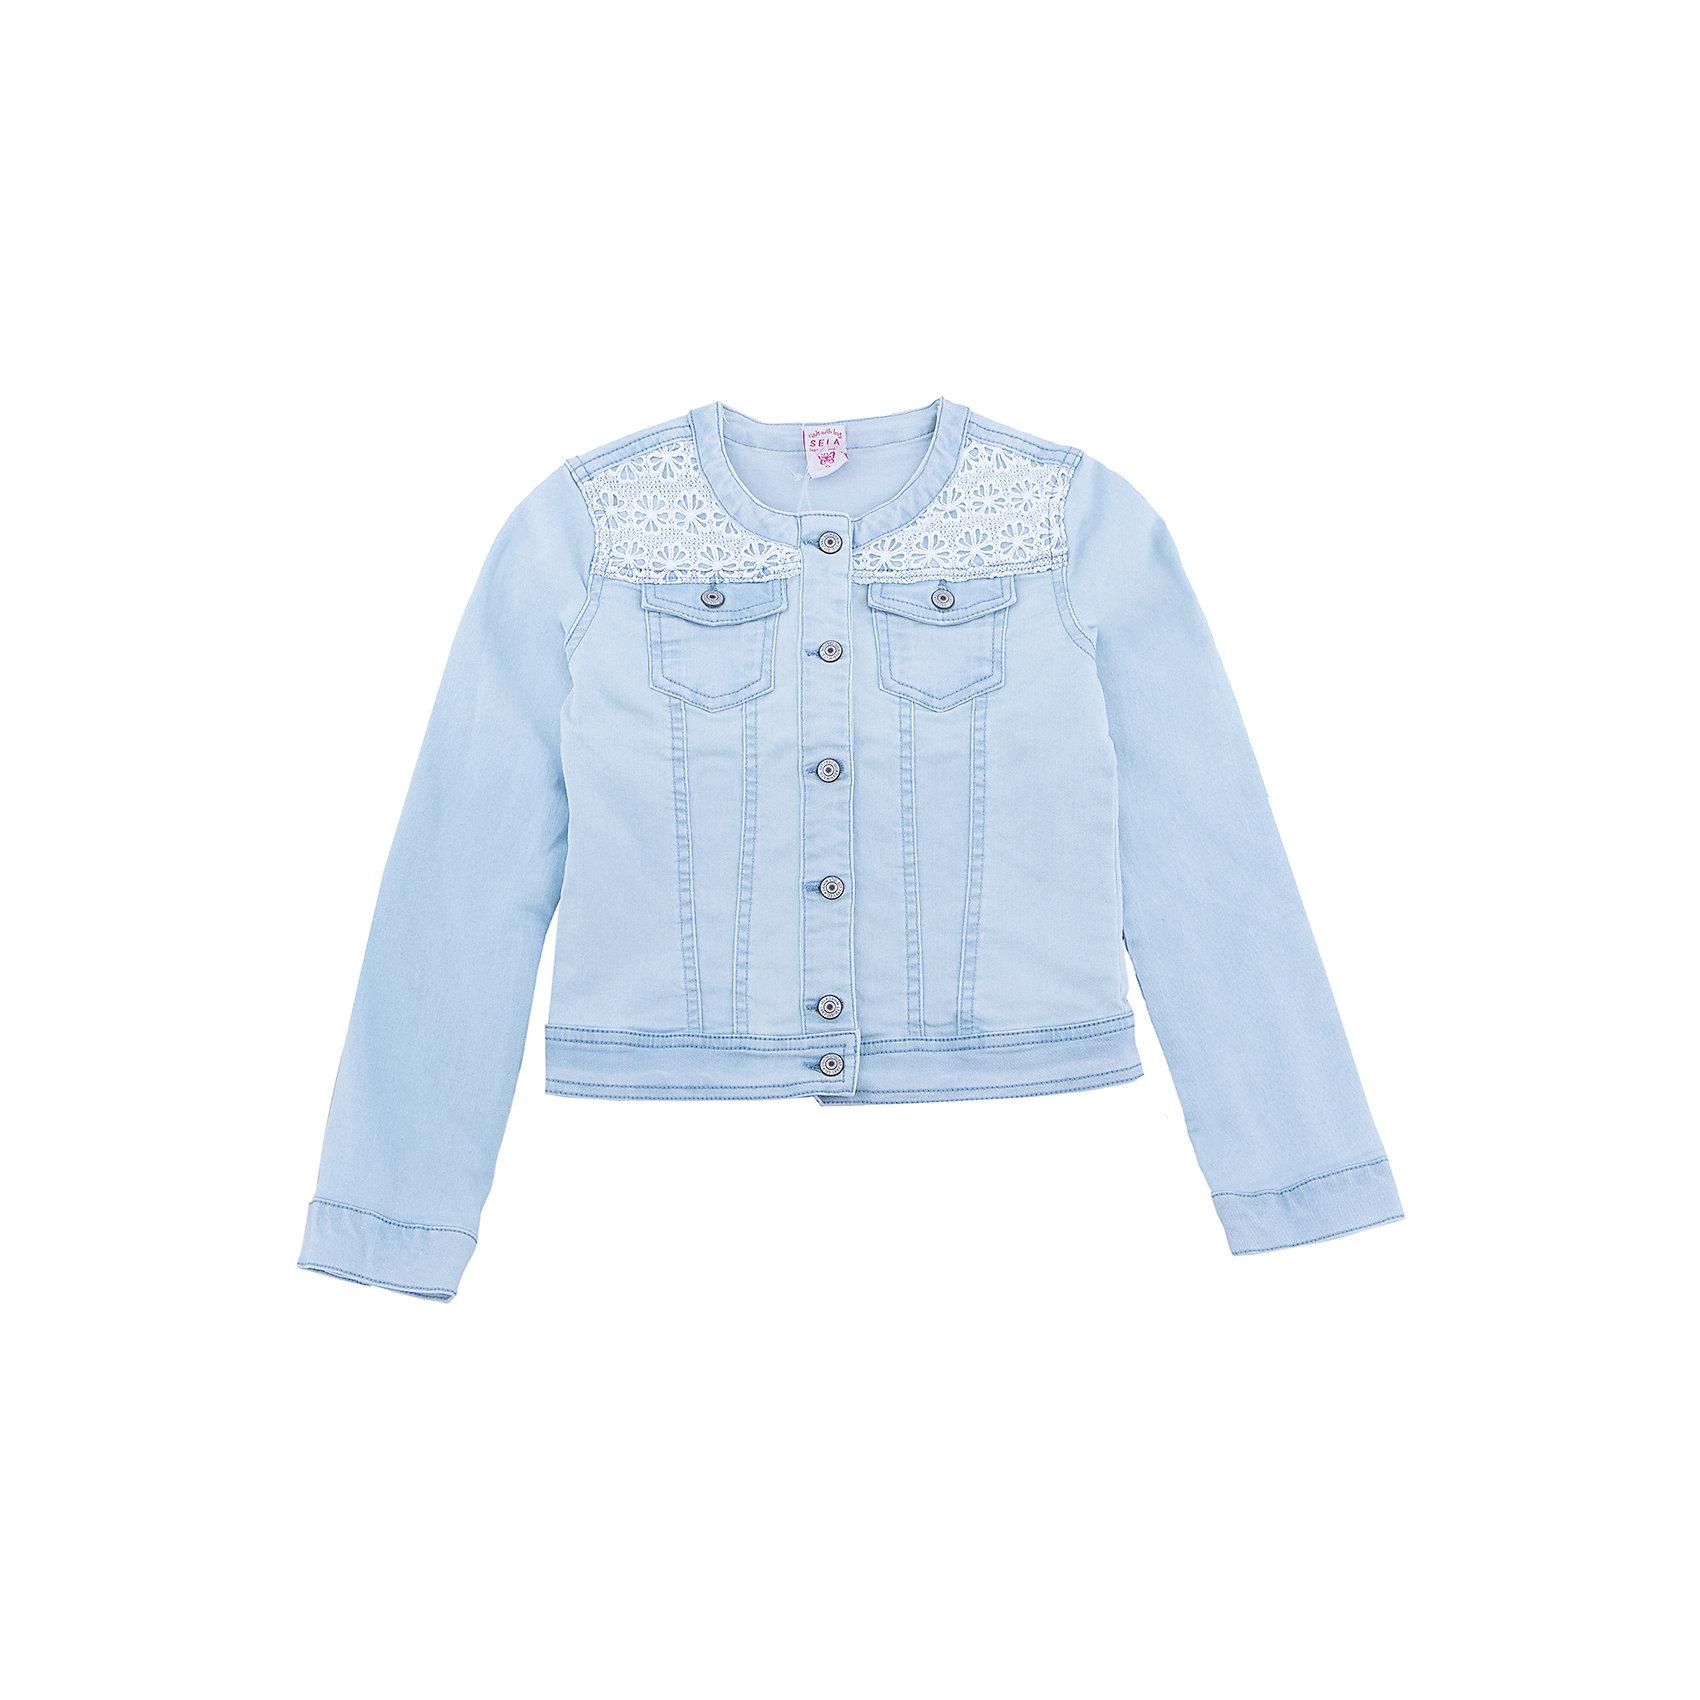 Куртка джинсовая для девочки SELAДжинсовая одежда<br>Характеристики товара:<br><br>• цвет: голубой джинс<br>• состав: 78% хлопок, 21% ПЭ, 1% эластан<br>• декорирован кружевом<br>• карманы<br>• длинные рукава<br>• эффект потертостей<br>• пуговицы<br>• страна бренда: Россия<br><br>Вещи из новой коллекции SELA продолжают радовать удобством! Стильная легкая куртка для девочки поможет разнообразить гардероб ребенка и обеспечить комфорт в прохладную погоду. Она отлично сочетается с юбками и брюками. Отличается оригинальной отделкой. <br><br>Одежда, обувь и аксессуары от российского бренда SELA не зря пользуются большой популярностью у детей и взрослых! Модели этой марки - стильные и удобные, цена при этом неизменно остается доступной. Для их производства используются только безопасные, качественные материалы и фурнитура. Новая коллекция поддерживает хорошие традиции бренда! <br><br>Жакет для девочки от популярного бренда SELA (СЕЛА) можно купить в нашем интернет-магазине.<br><br>Ширина мм: 190<br>Глубина мм: 74<br>Высота мм: 229<br>Вес г: 236<br>Цвет: голубой<br>Возраст от месяцев: 120<br>Возраст до месяцев: 132<br>Пол: Женский<br>Возраст: Детский<br>Размер: 146,134,140,152,116,122,128<br>SKU: 5305692